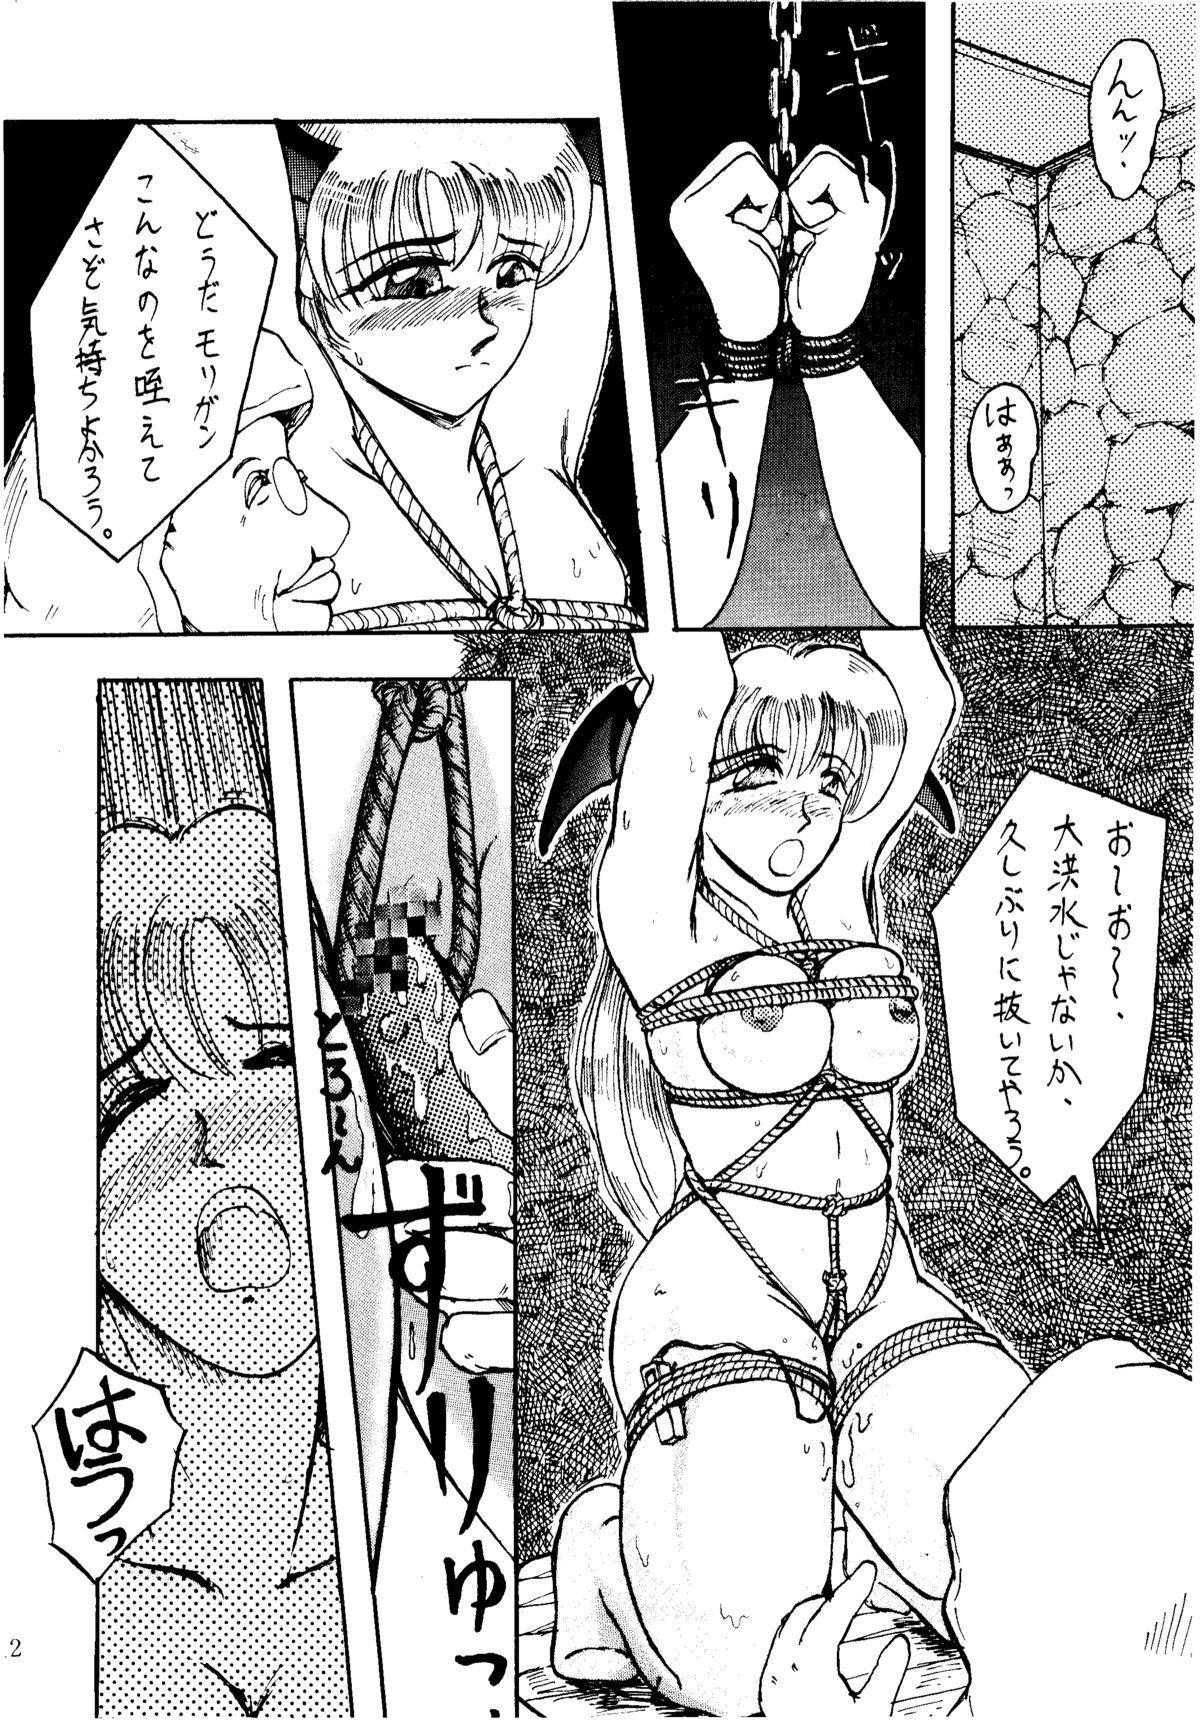 Shikiyoku Hokkedan 3 11